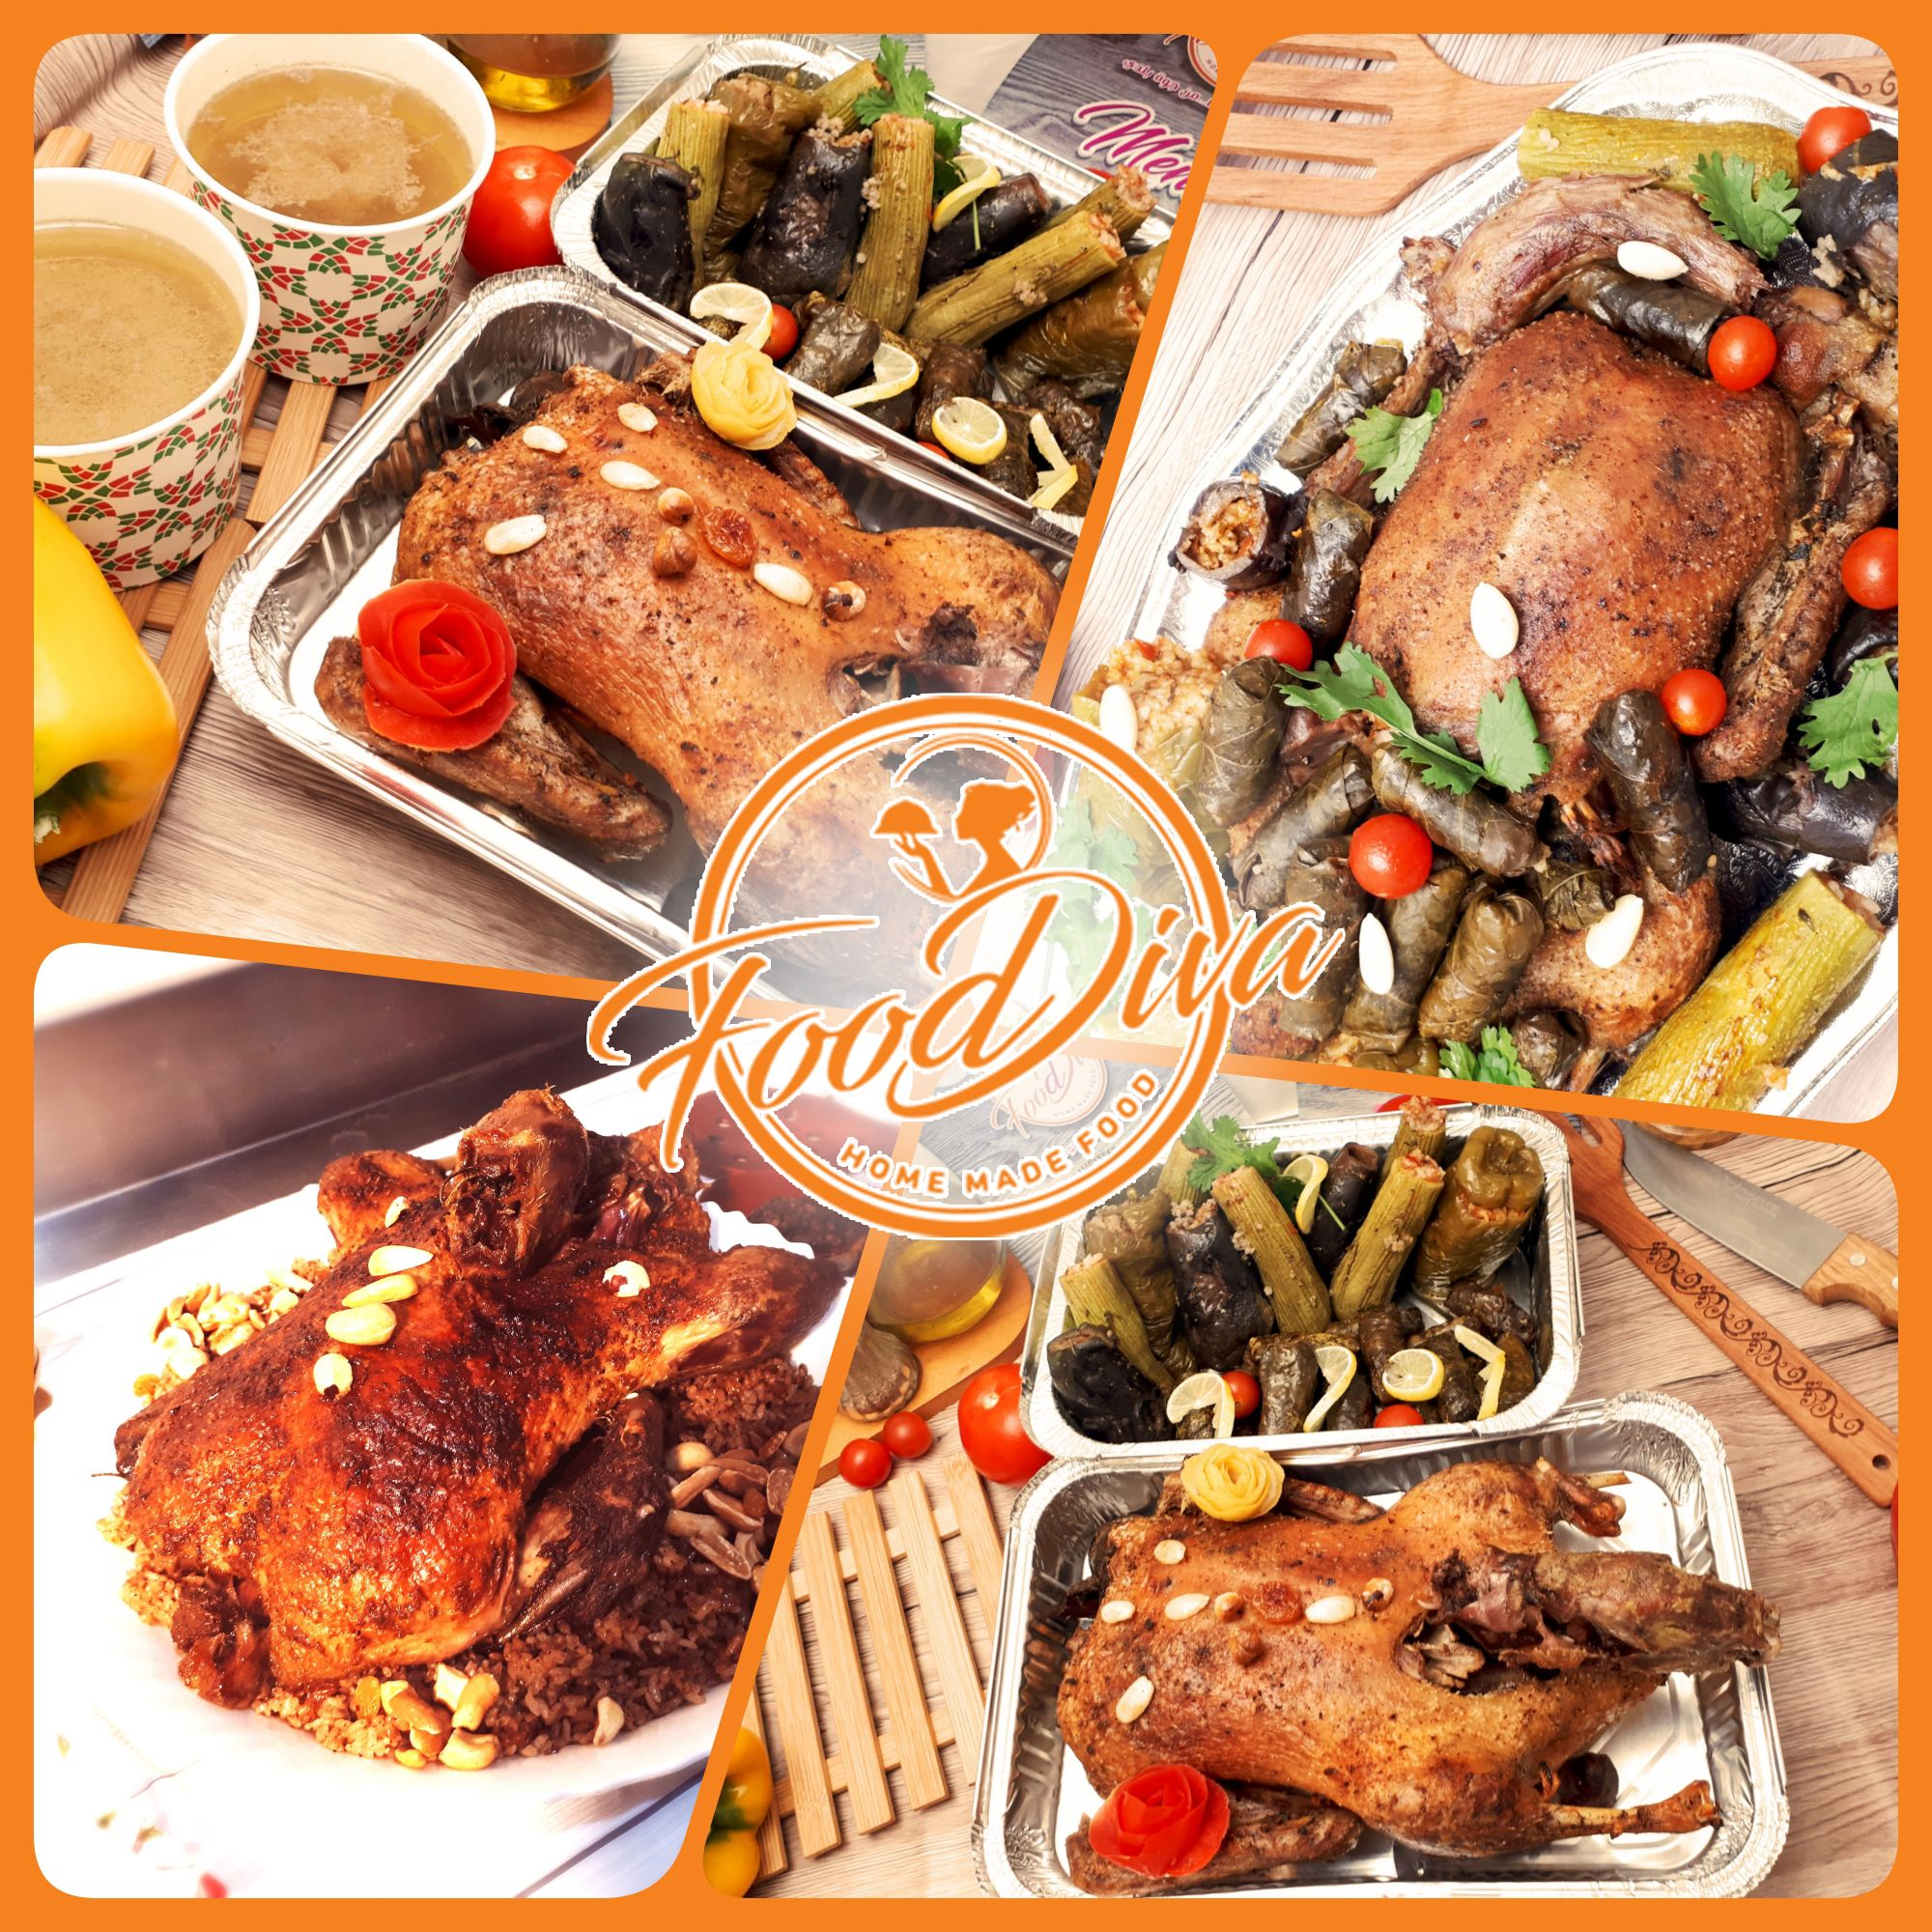 اطيب مندي مدخن من دياتي زاكي Egyptian Food Fall Comfort Food Middle East Food